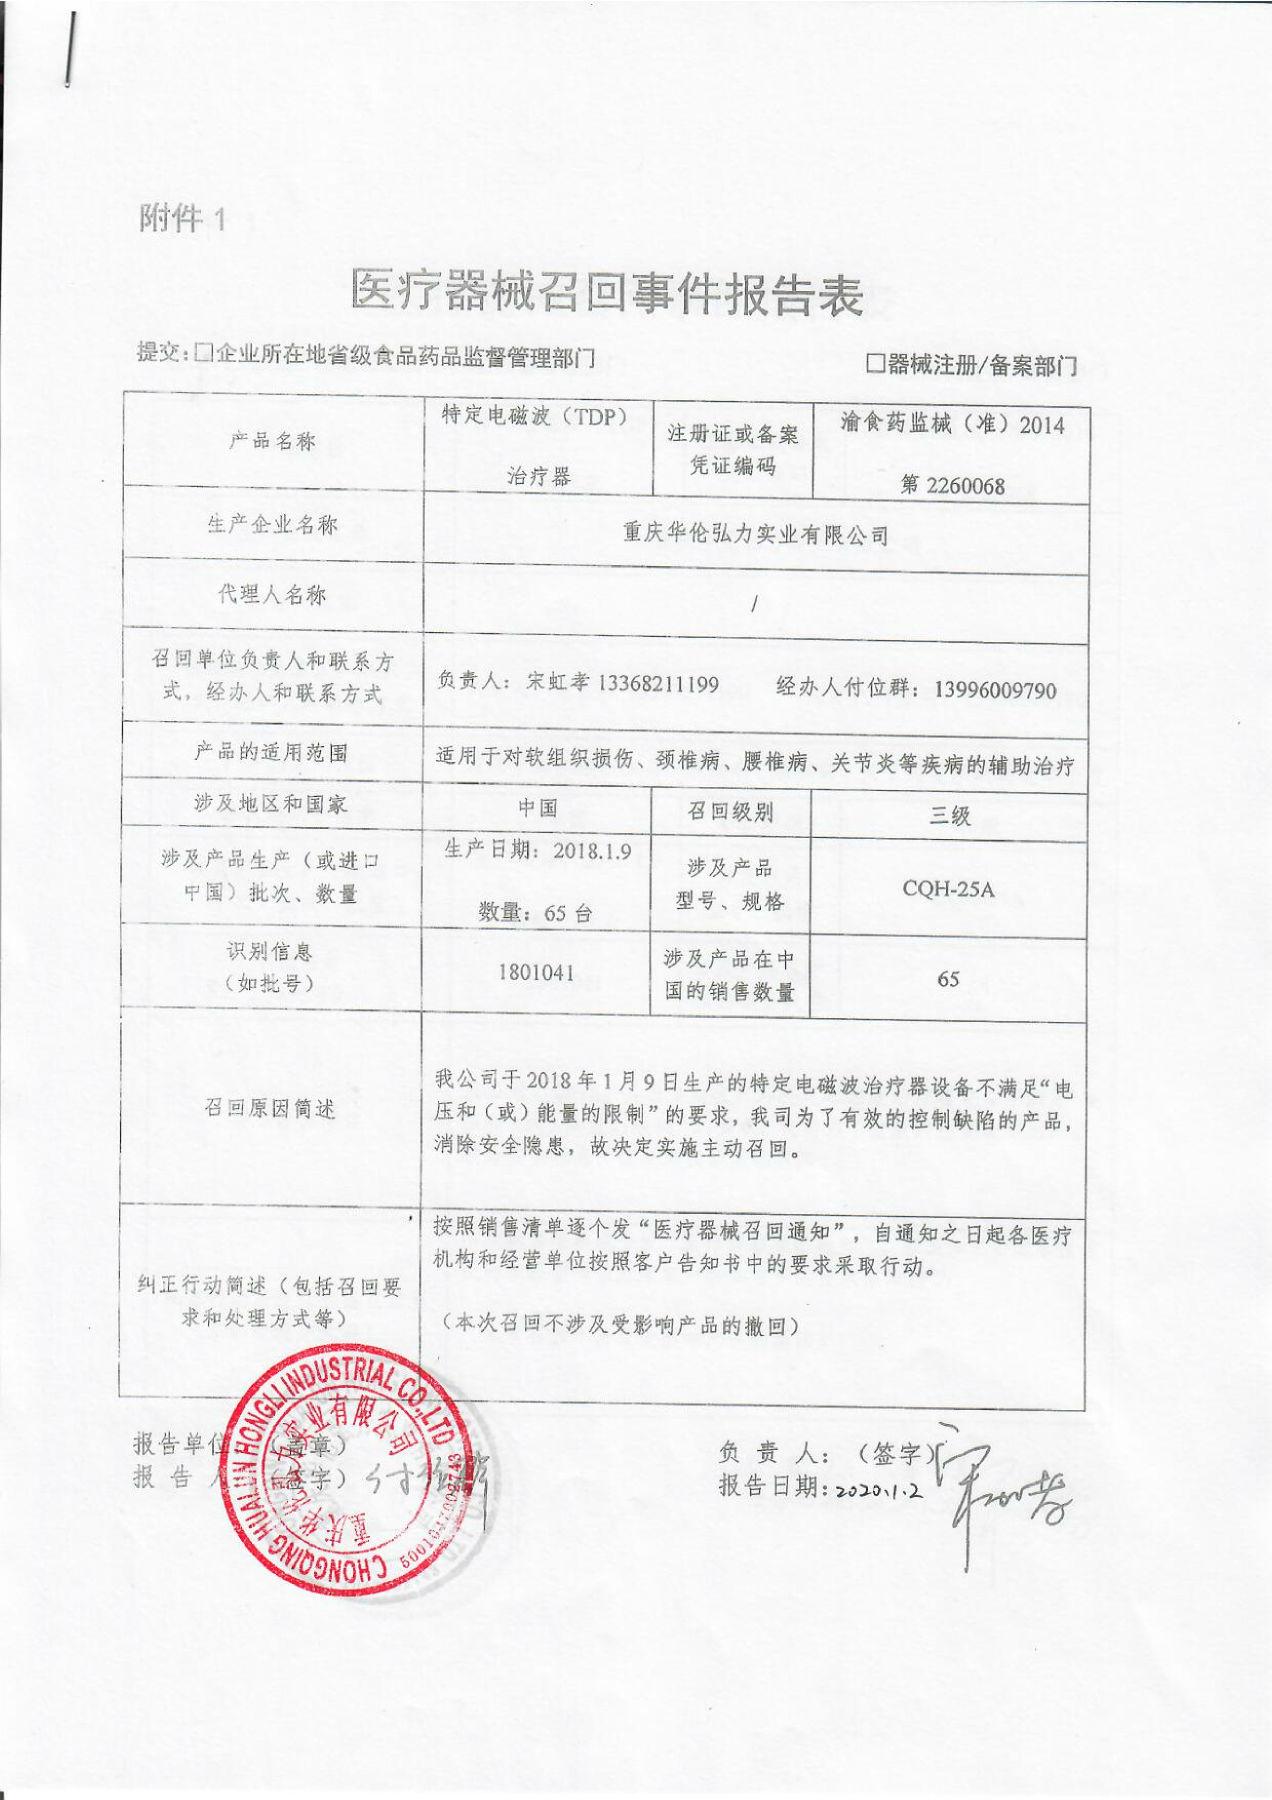 重庆华伦弘力实业有限公司对特定电磁波治疗器主动召回